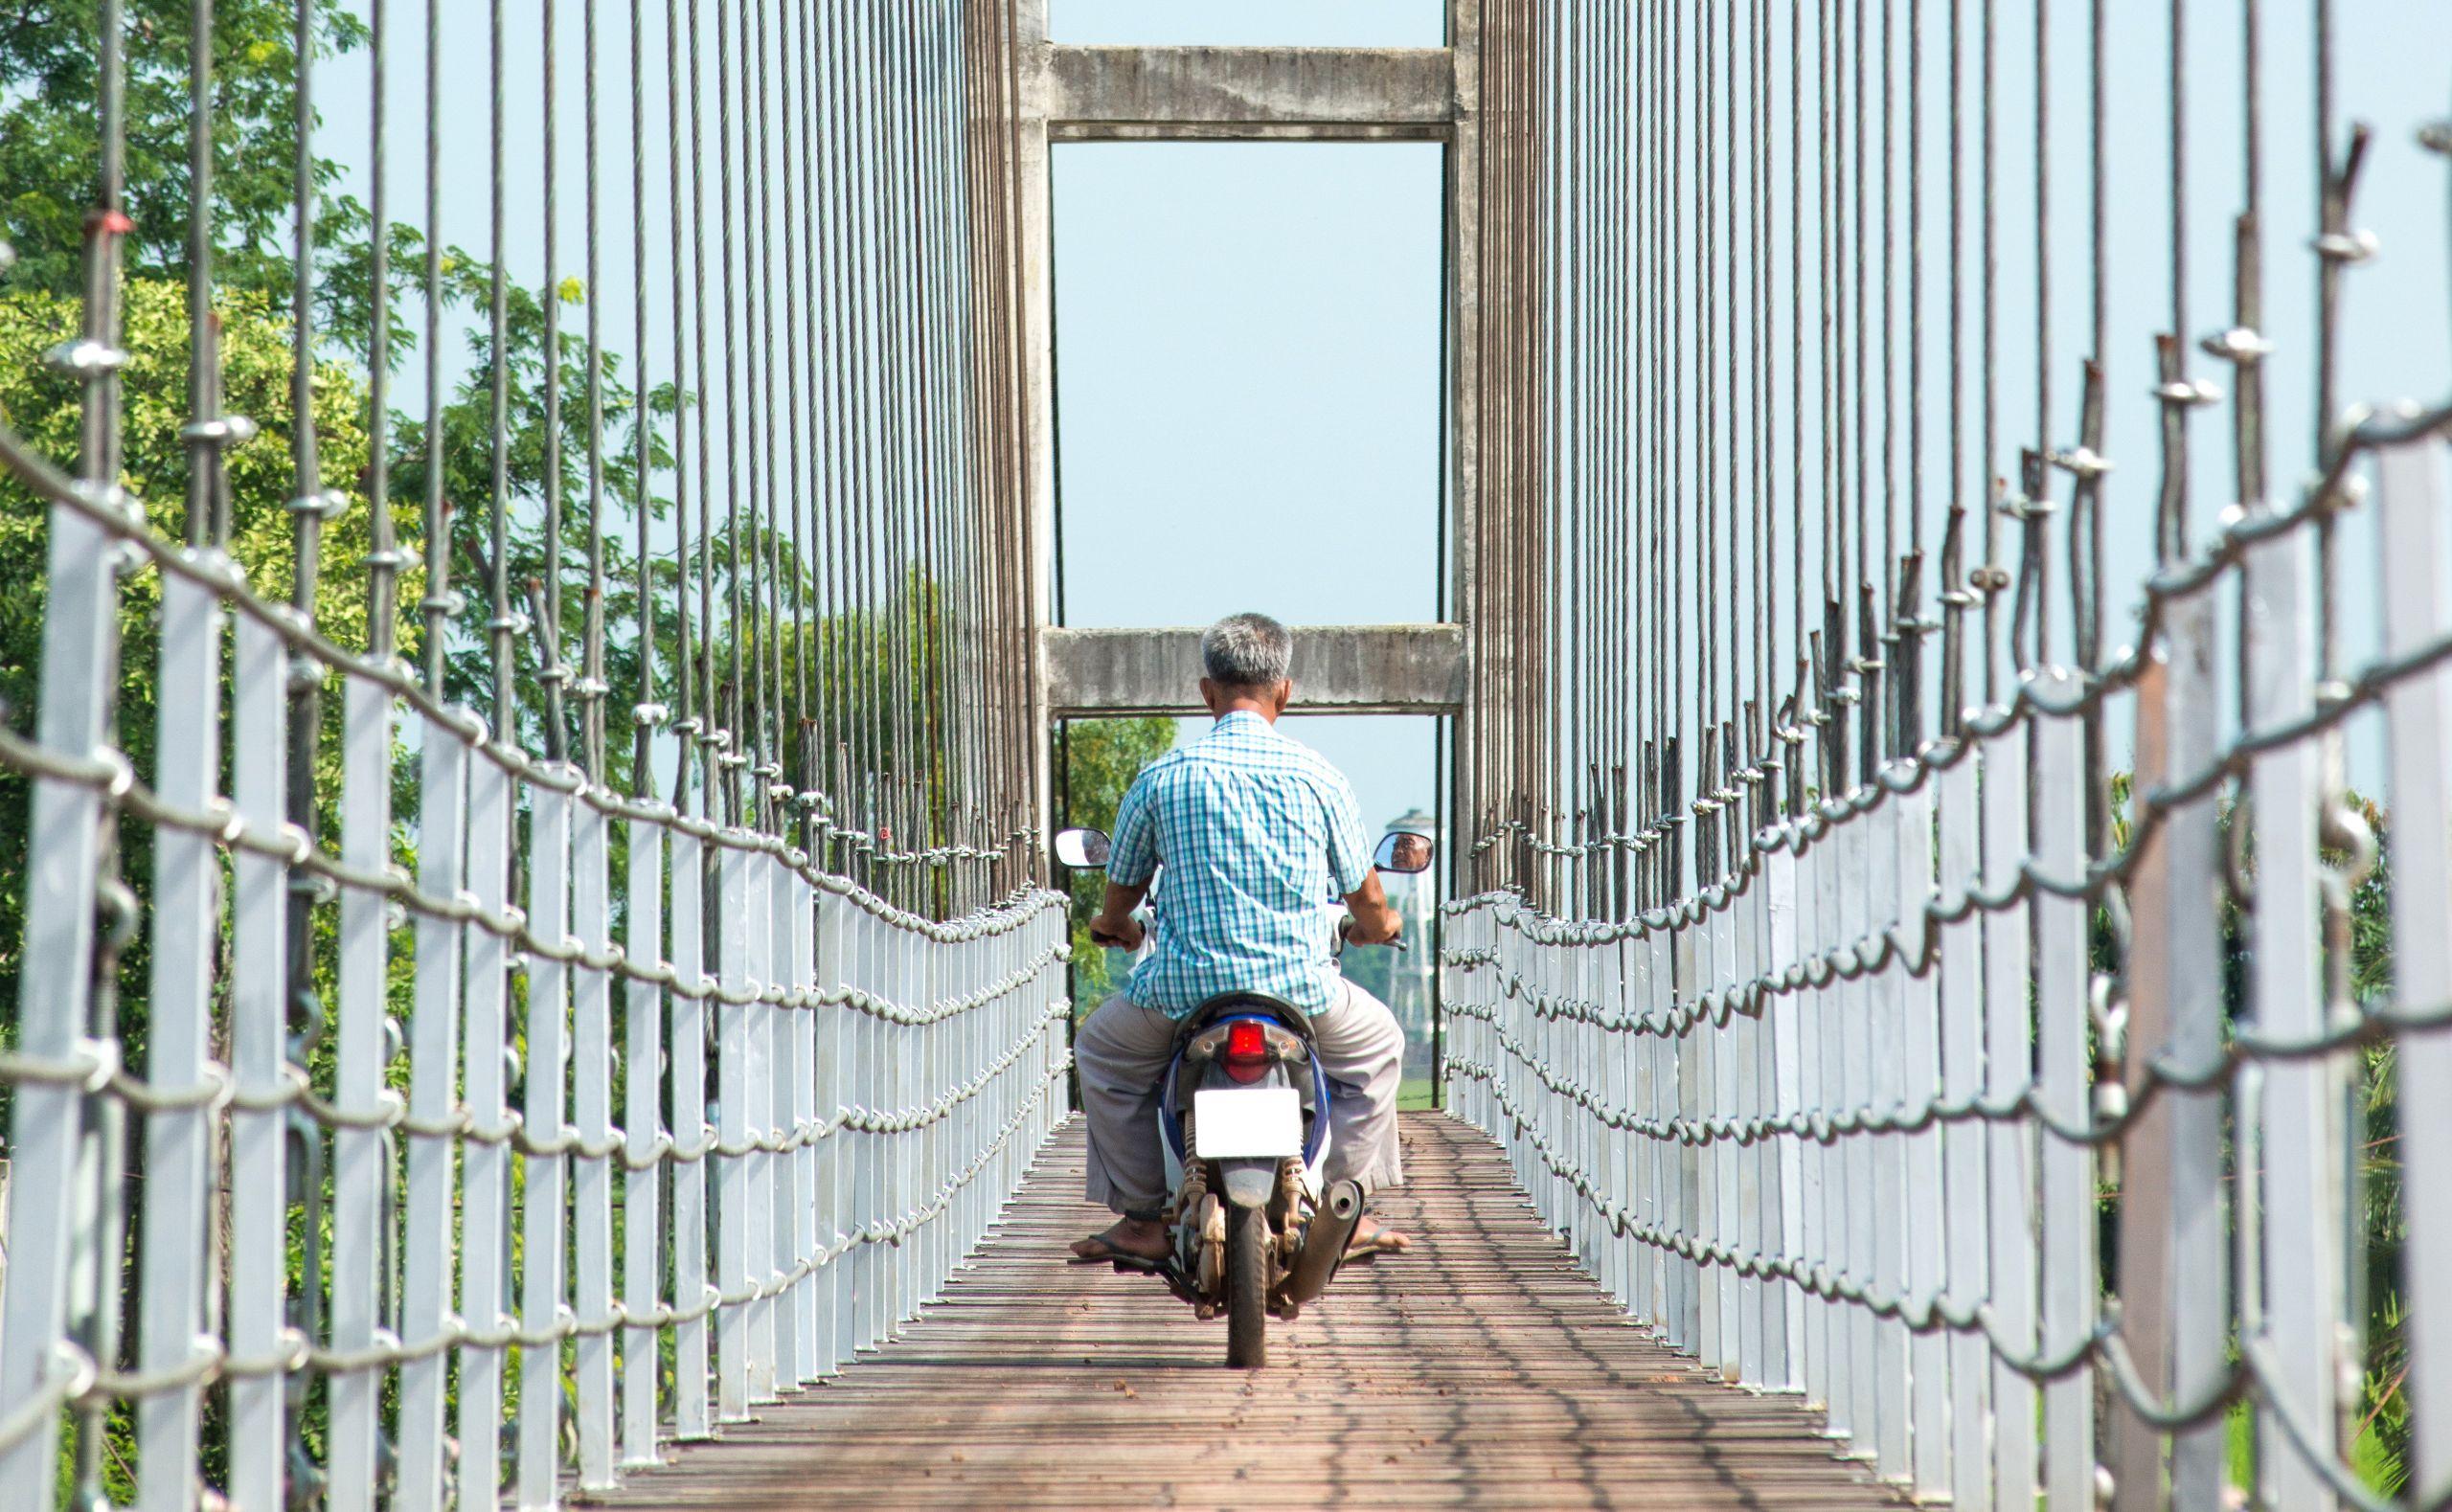 Embora seja uma prática existente no Brasil, trafegar com moto em passarelas, calçadas e acostamento é proibido pelo Código de trânsito Brasileiro.